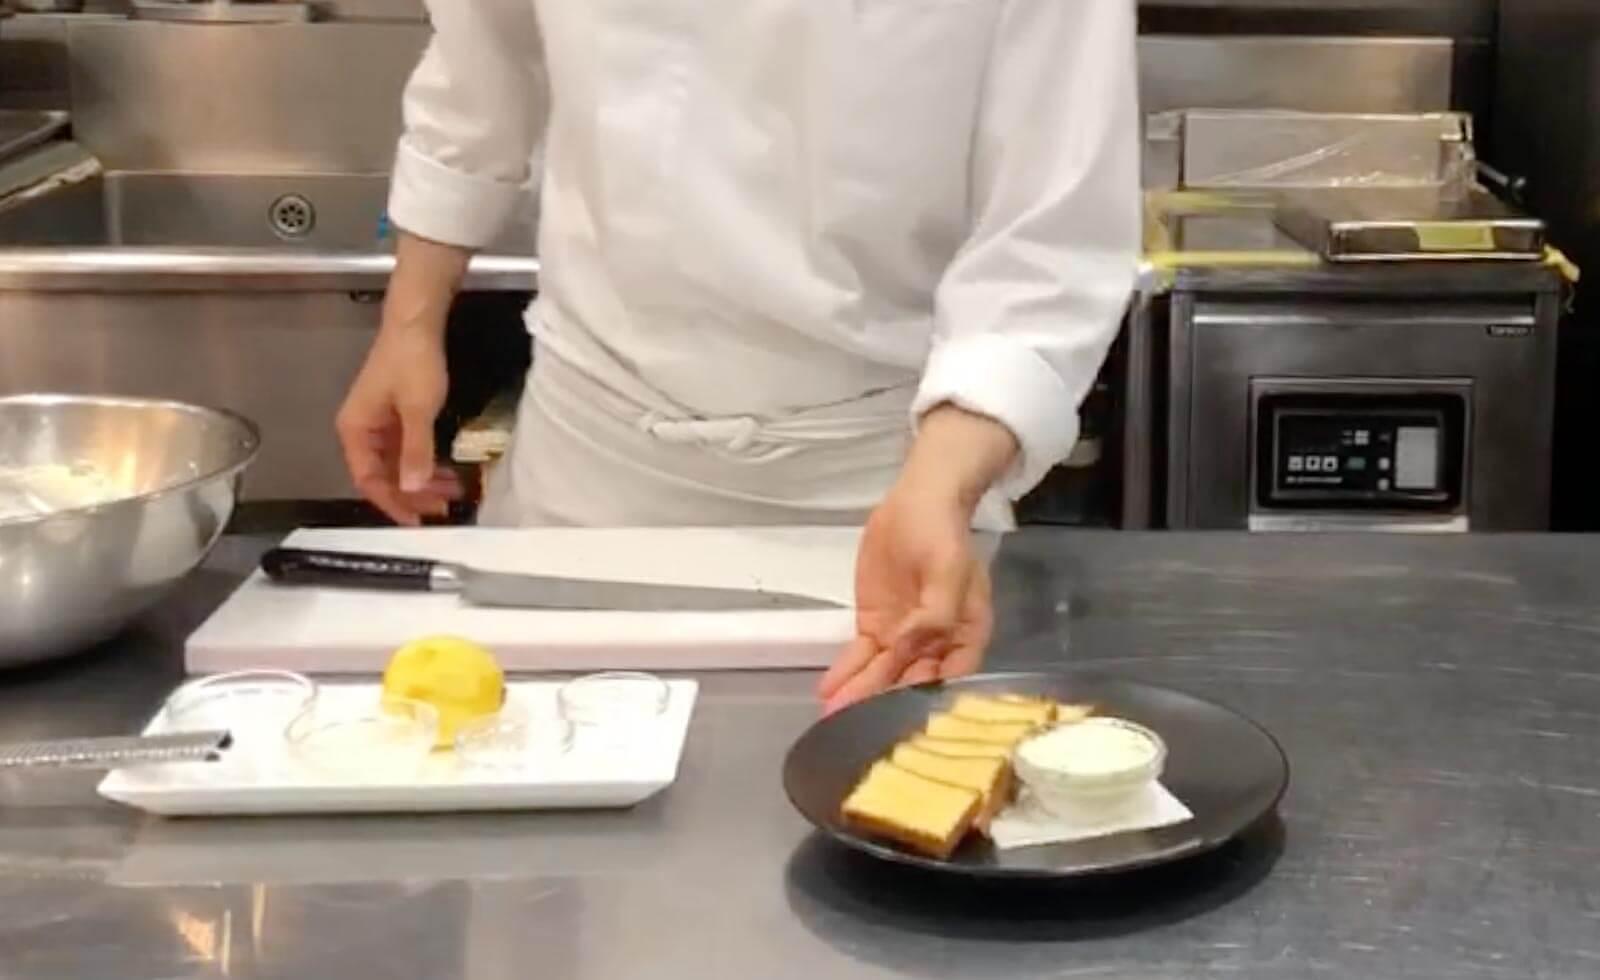 【シェフが教えるレシピ】フレッシュハーブと国産レモンを使った「フレッシュハーブとレモンのクリームチーズ」